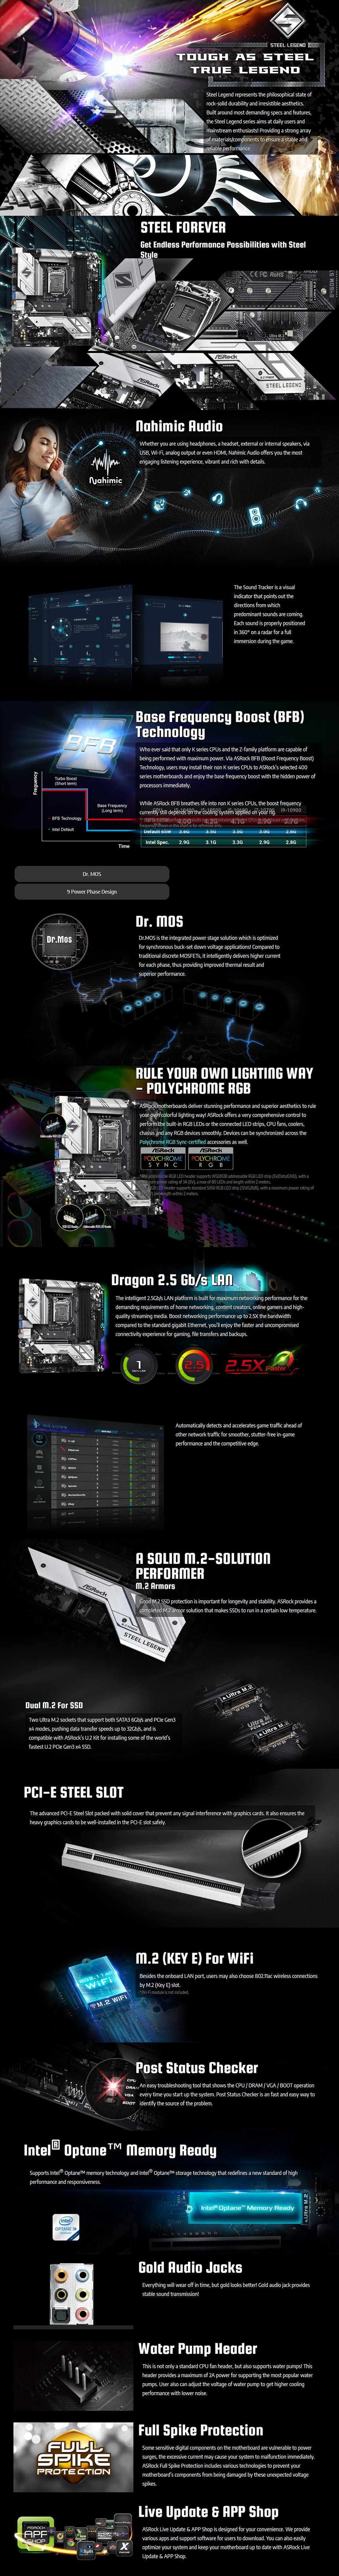 asrock-b460m-steel-legend-lga-1200-microatx-motherboard-ac35485-8.jpg